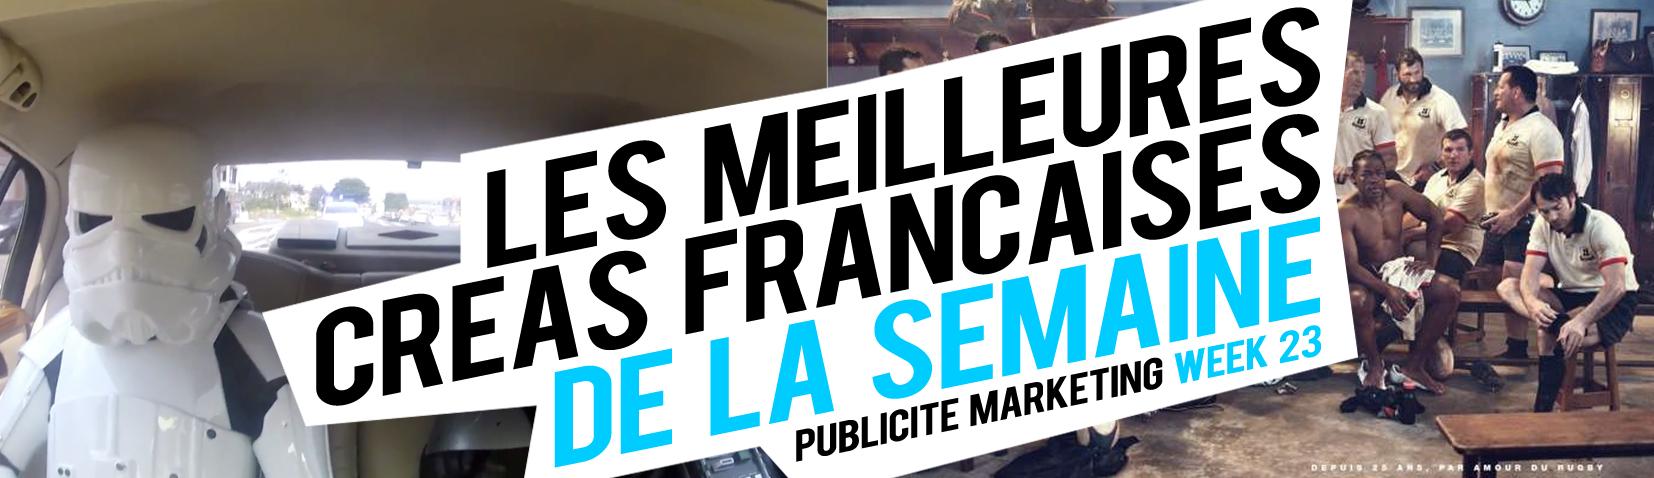 llllitl-publicité-marketing-les-meilleures-créations-francaises-de-la-semaine